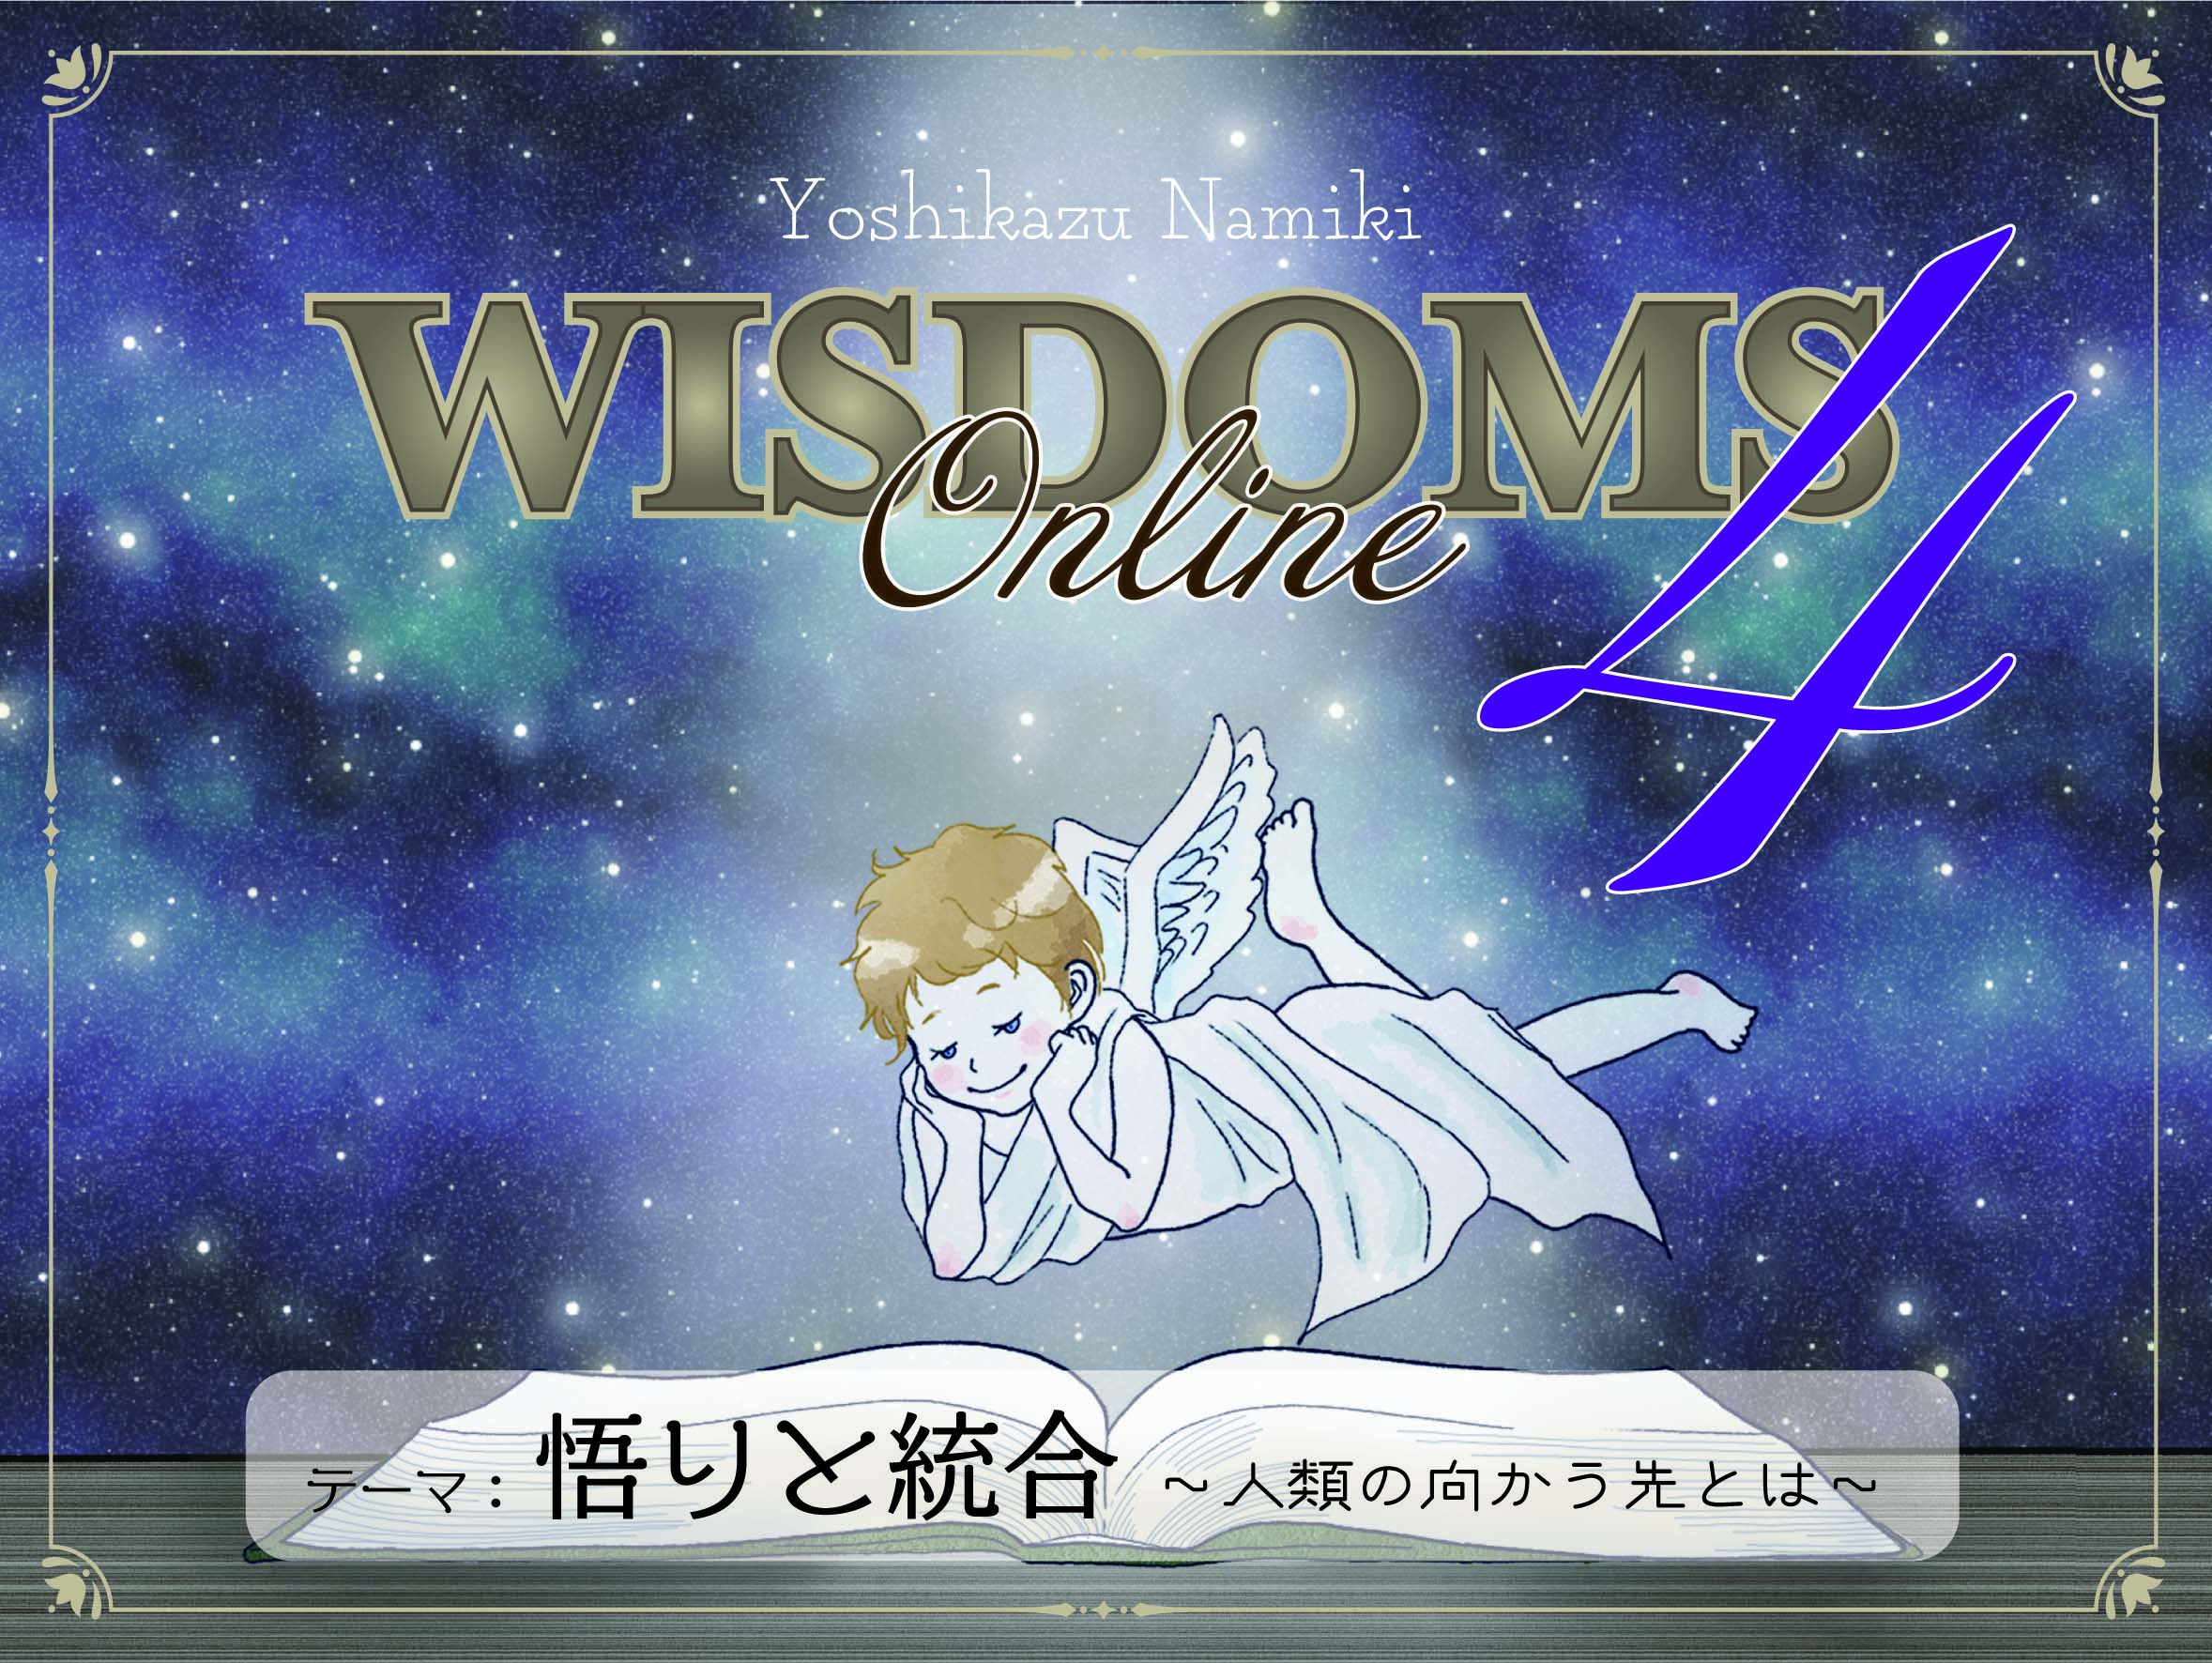 ★2021/07/27(火)【WISDOMS(ウィズダムス)オンラインLIVE配信+録画配信】